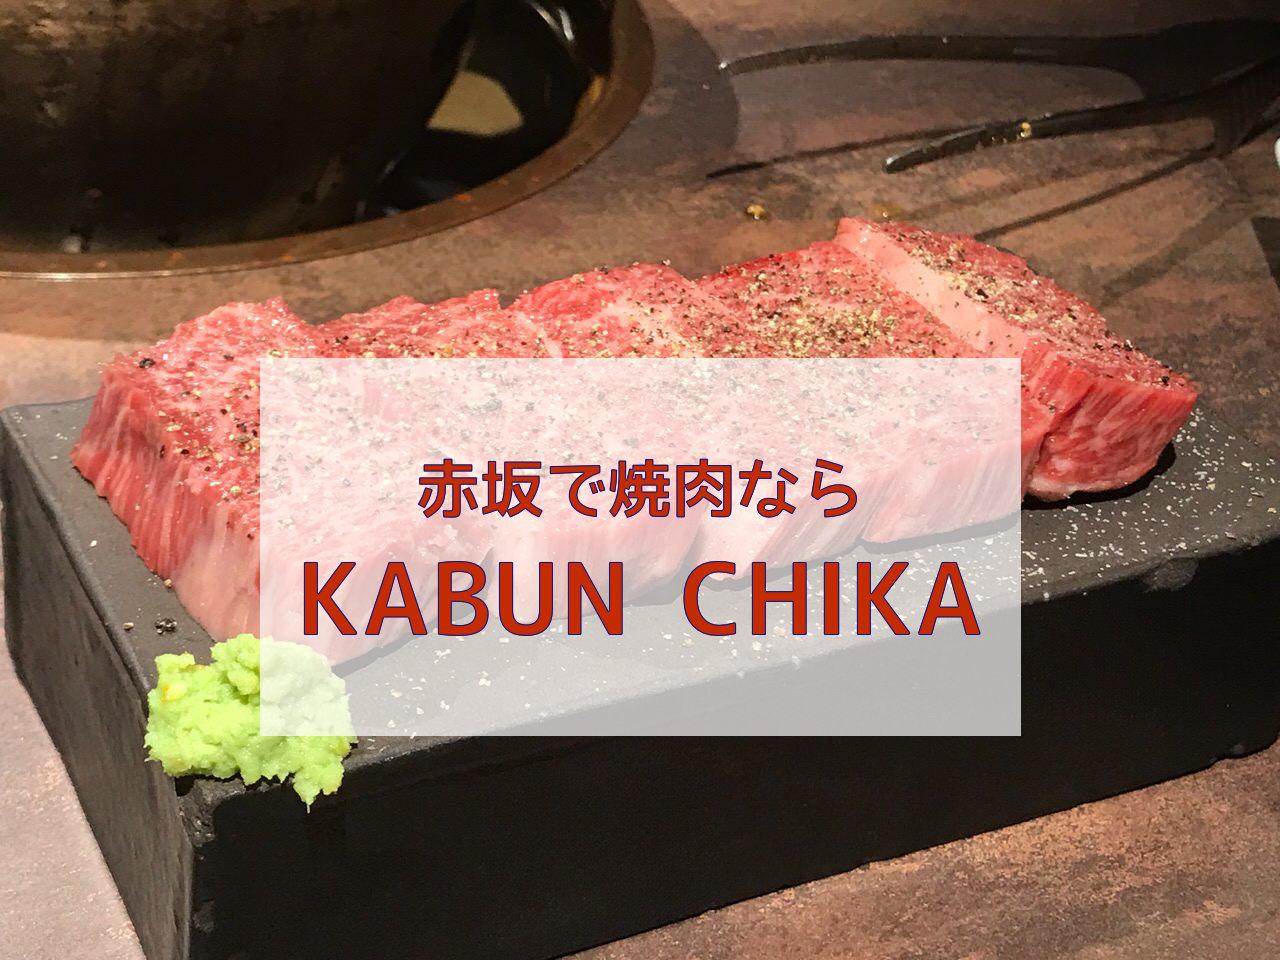 Kabun chika 4050 1